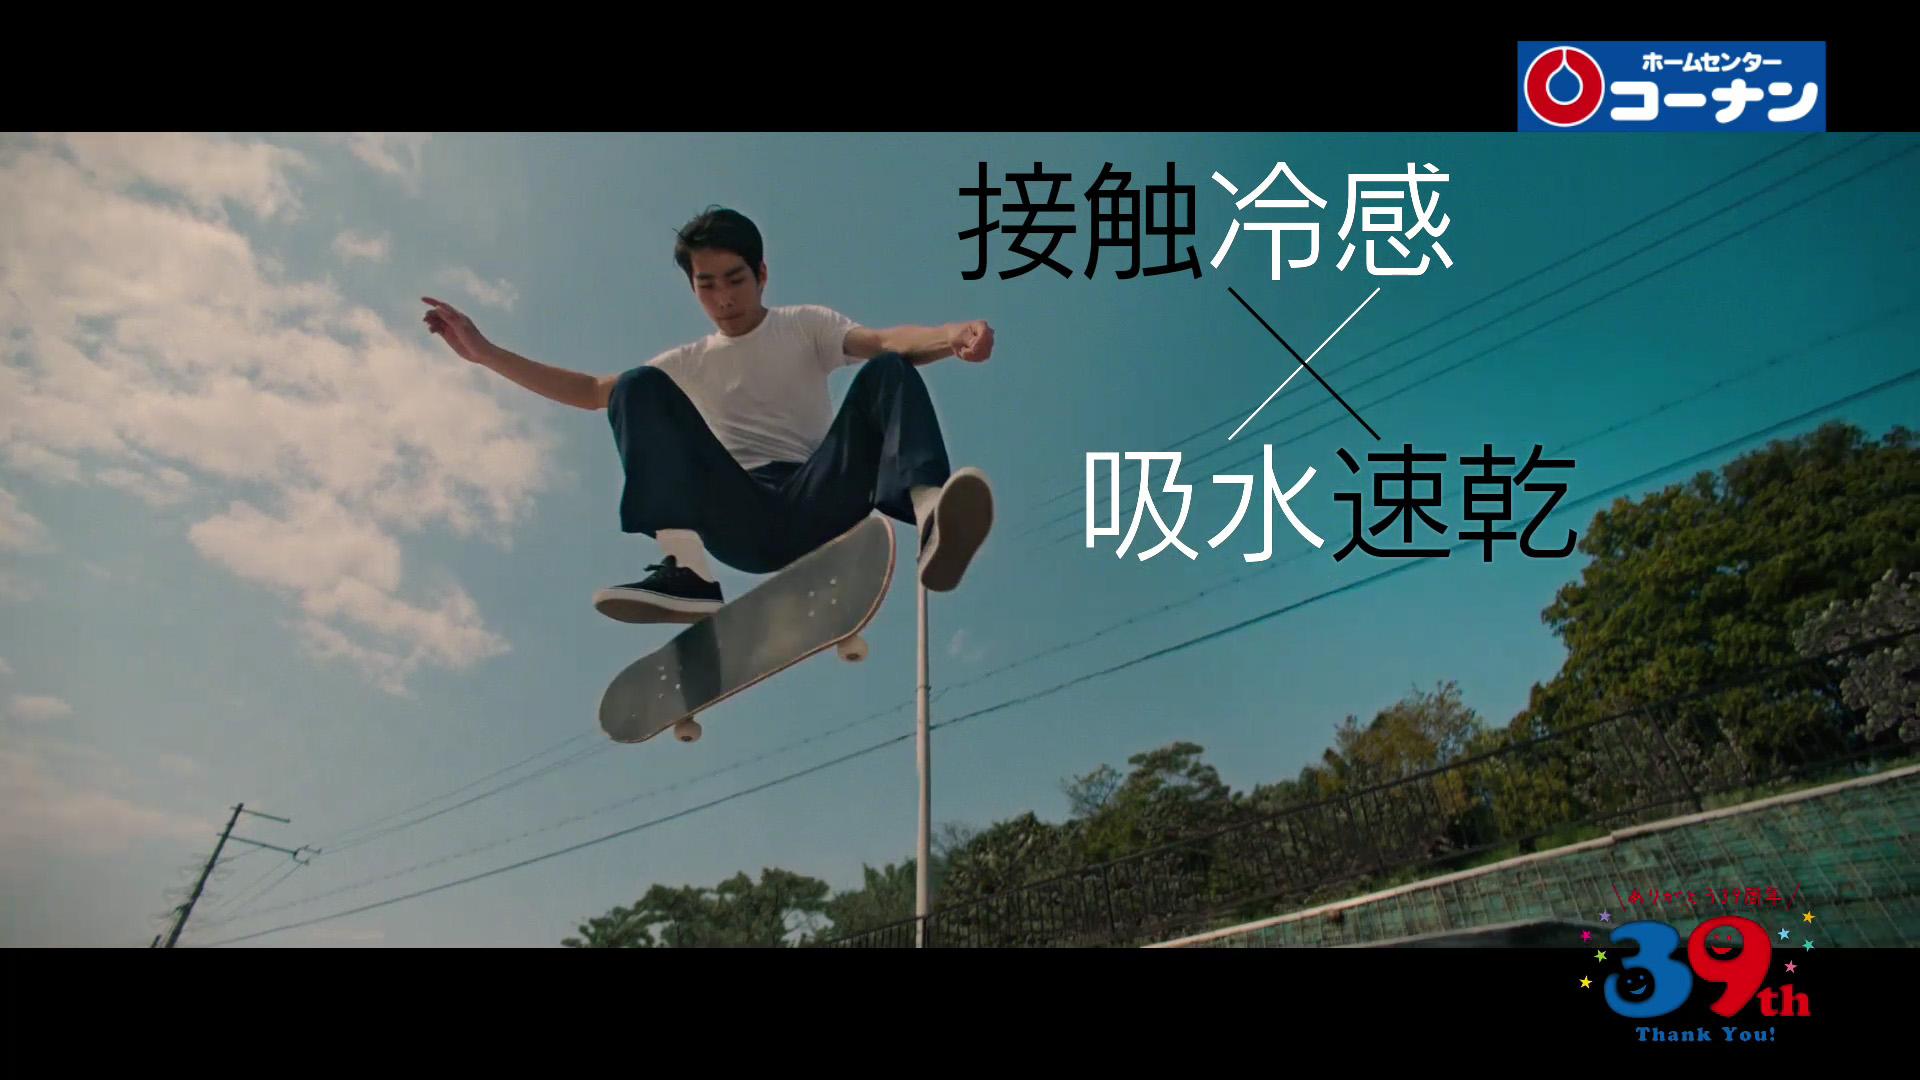 """Kohnan TVCM """"Skateboard"""""""